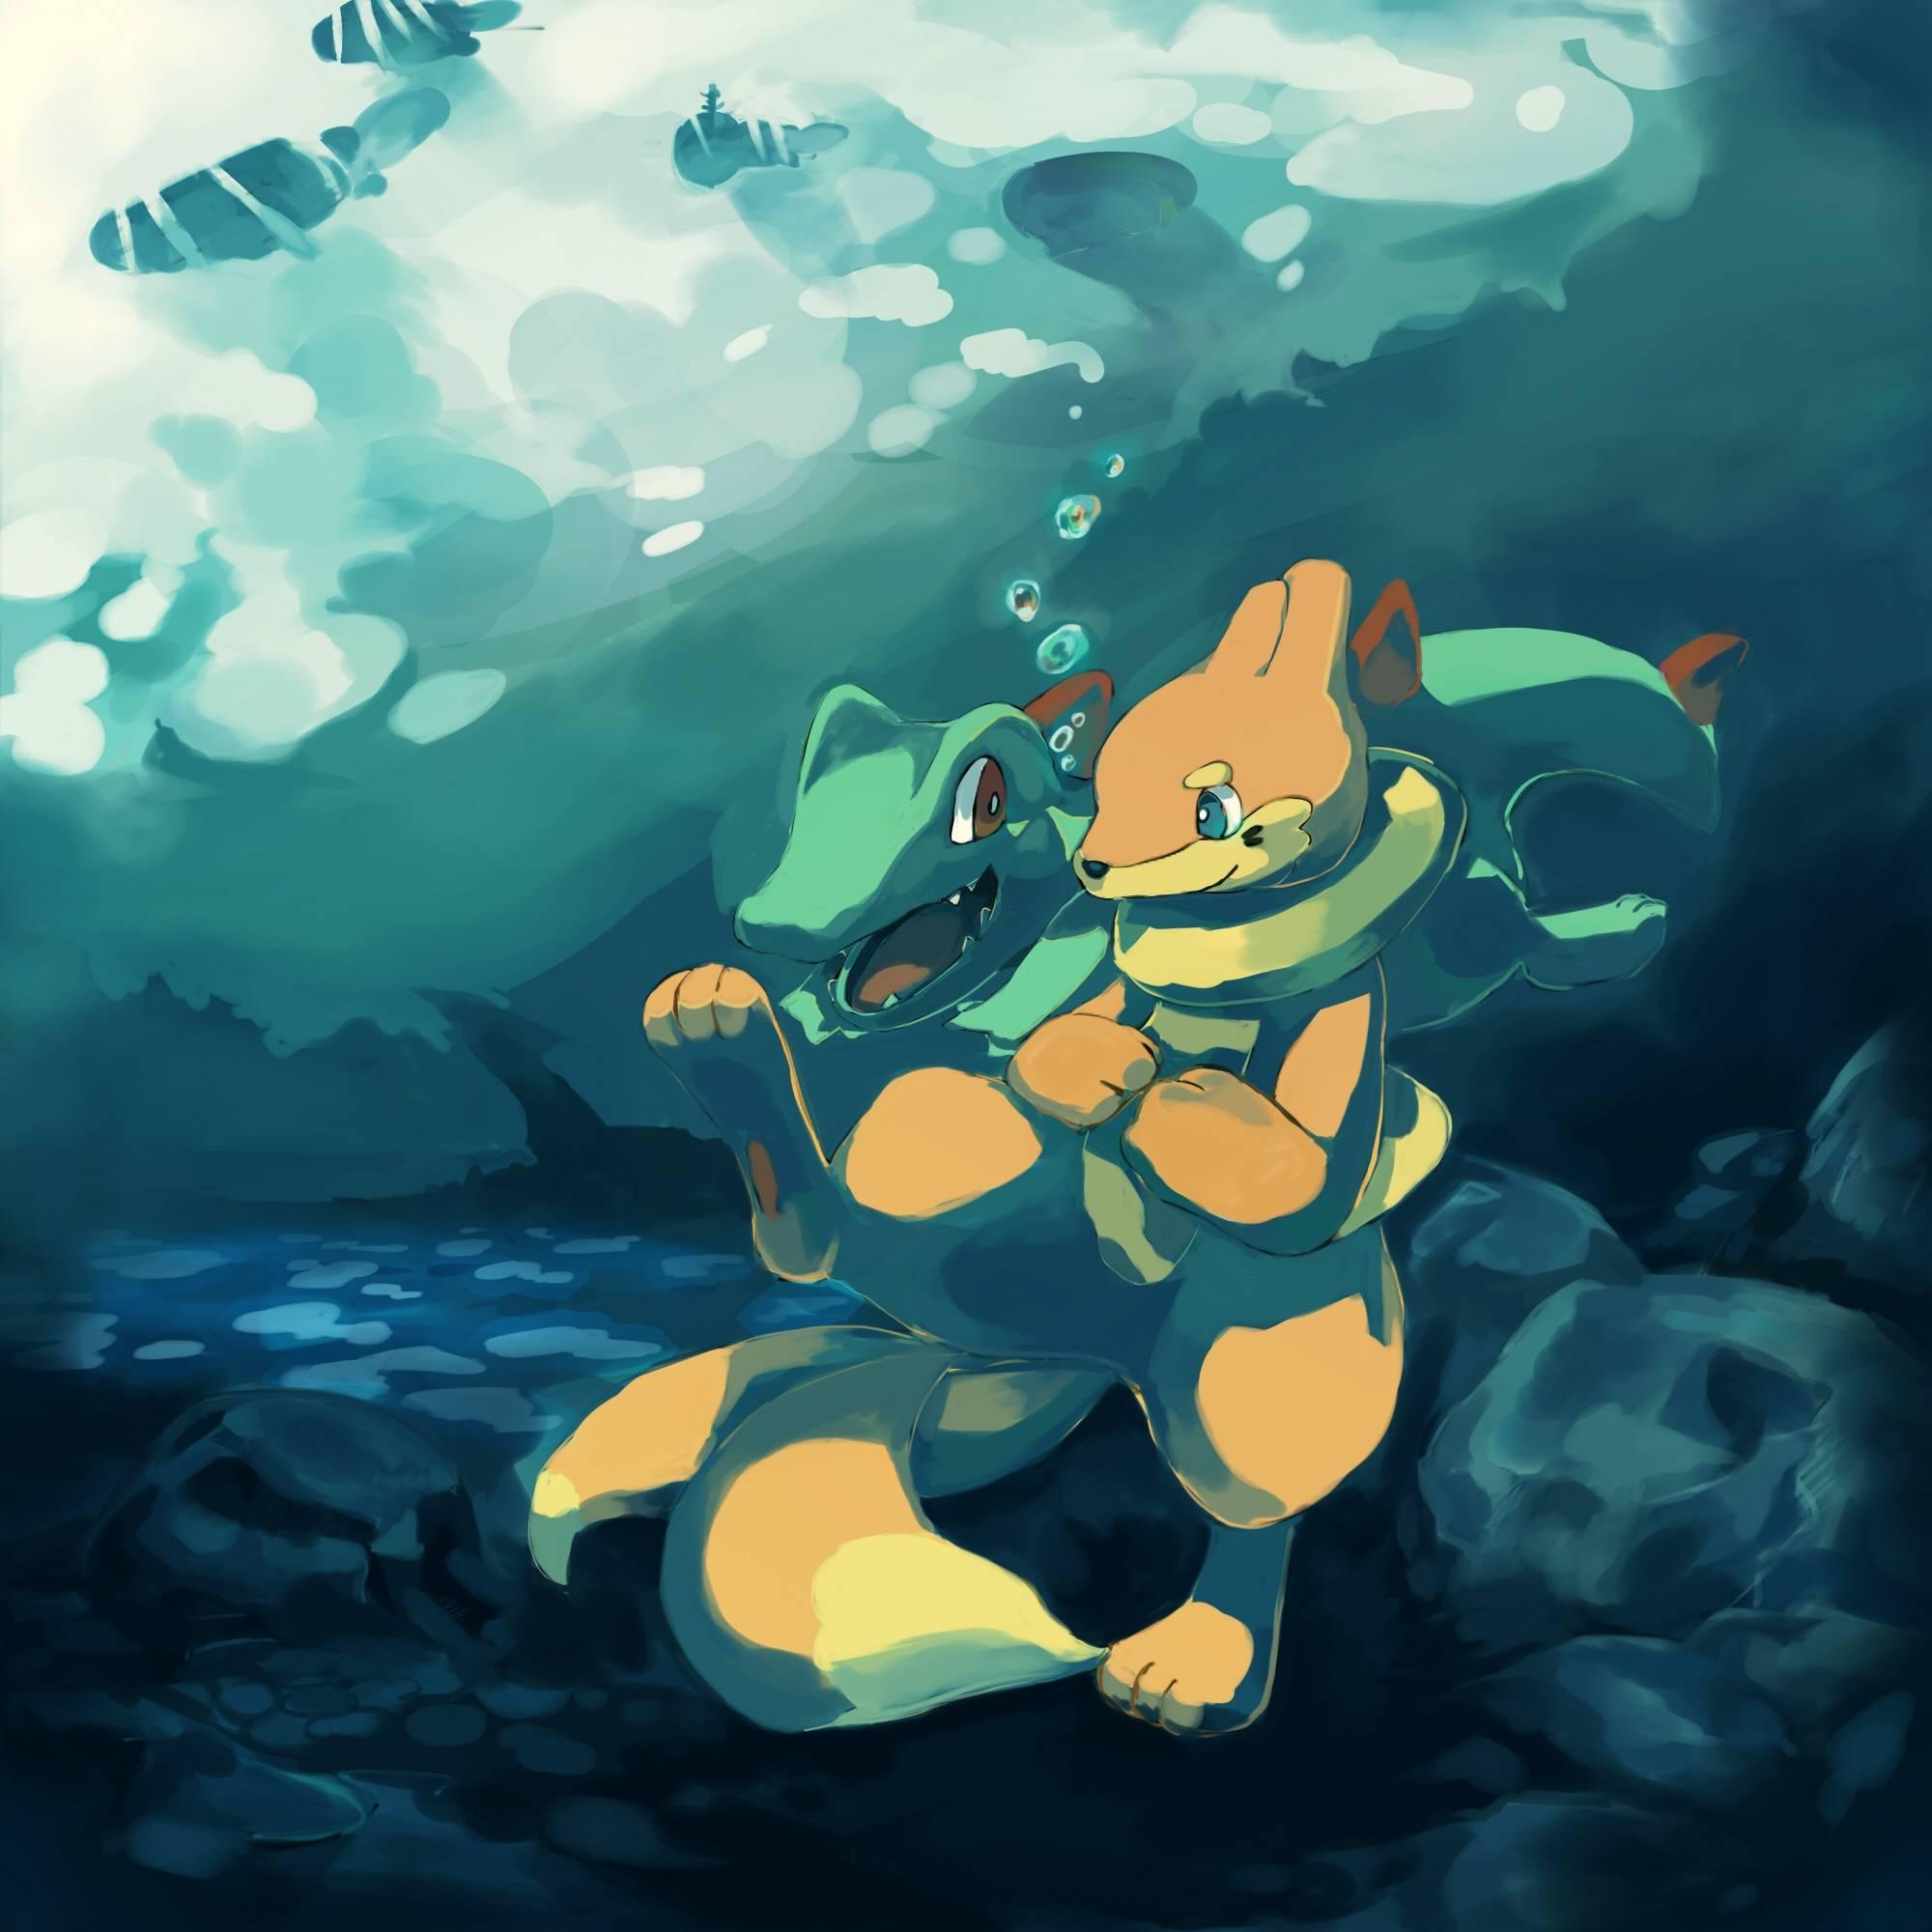 Pokemon Totodile 20002000 Wallpaper 782070 2000x2000